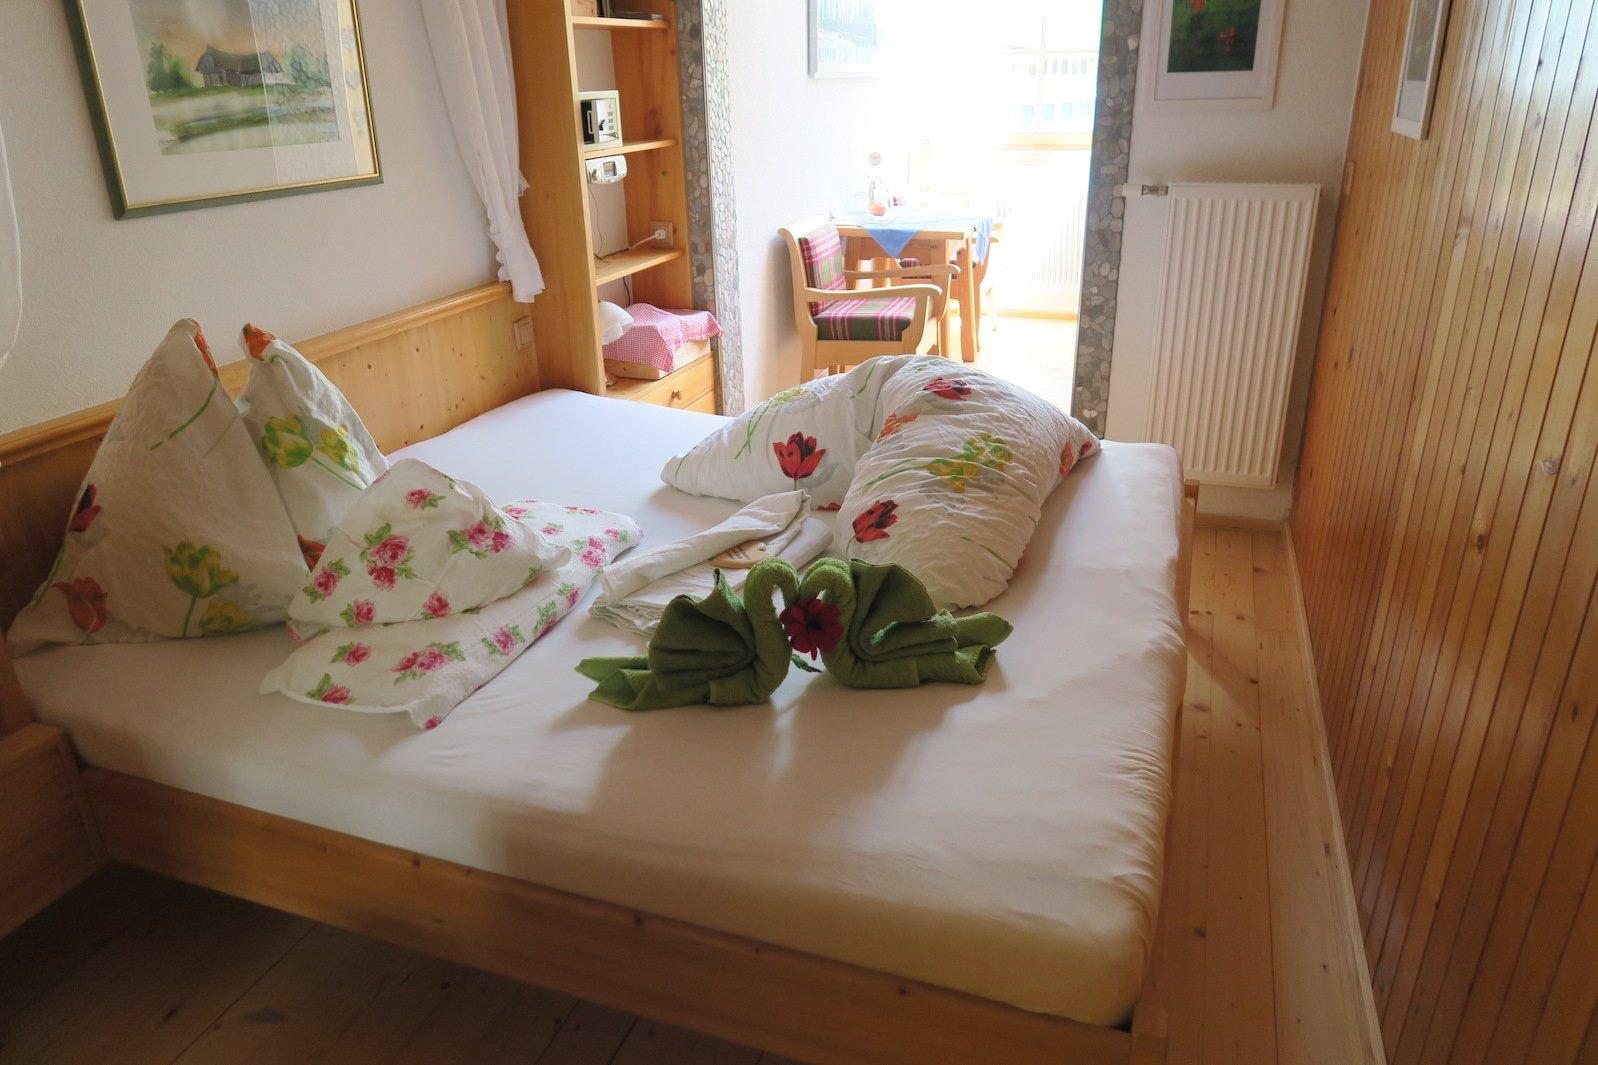 Mein liebevoll hergerichtetes Bett im Gehrnerhof auf dem Lechweg am Ende meiner zweiten Etappe